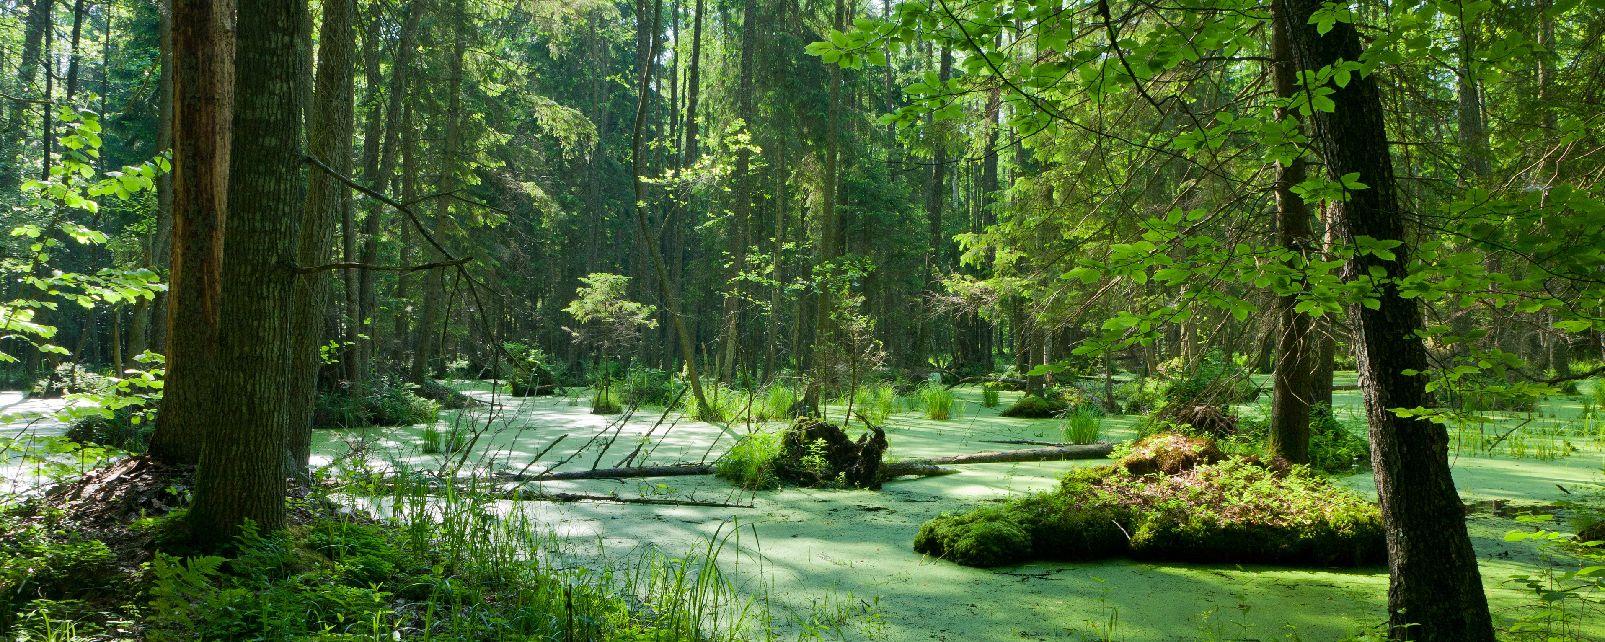 El Bosque de Białowieża en Polonia, el último bosque virgen de Europa 3952